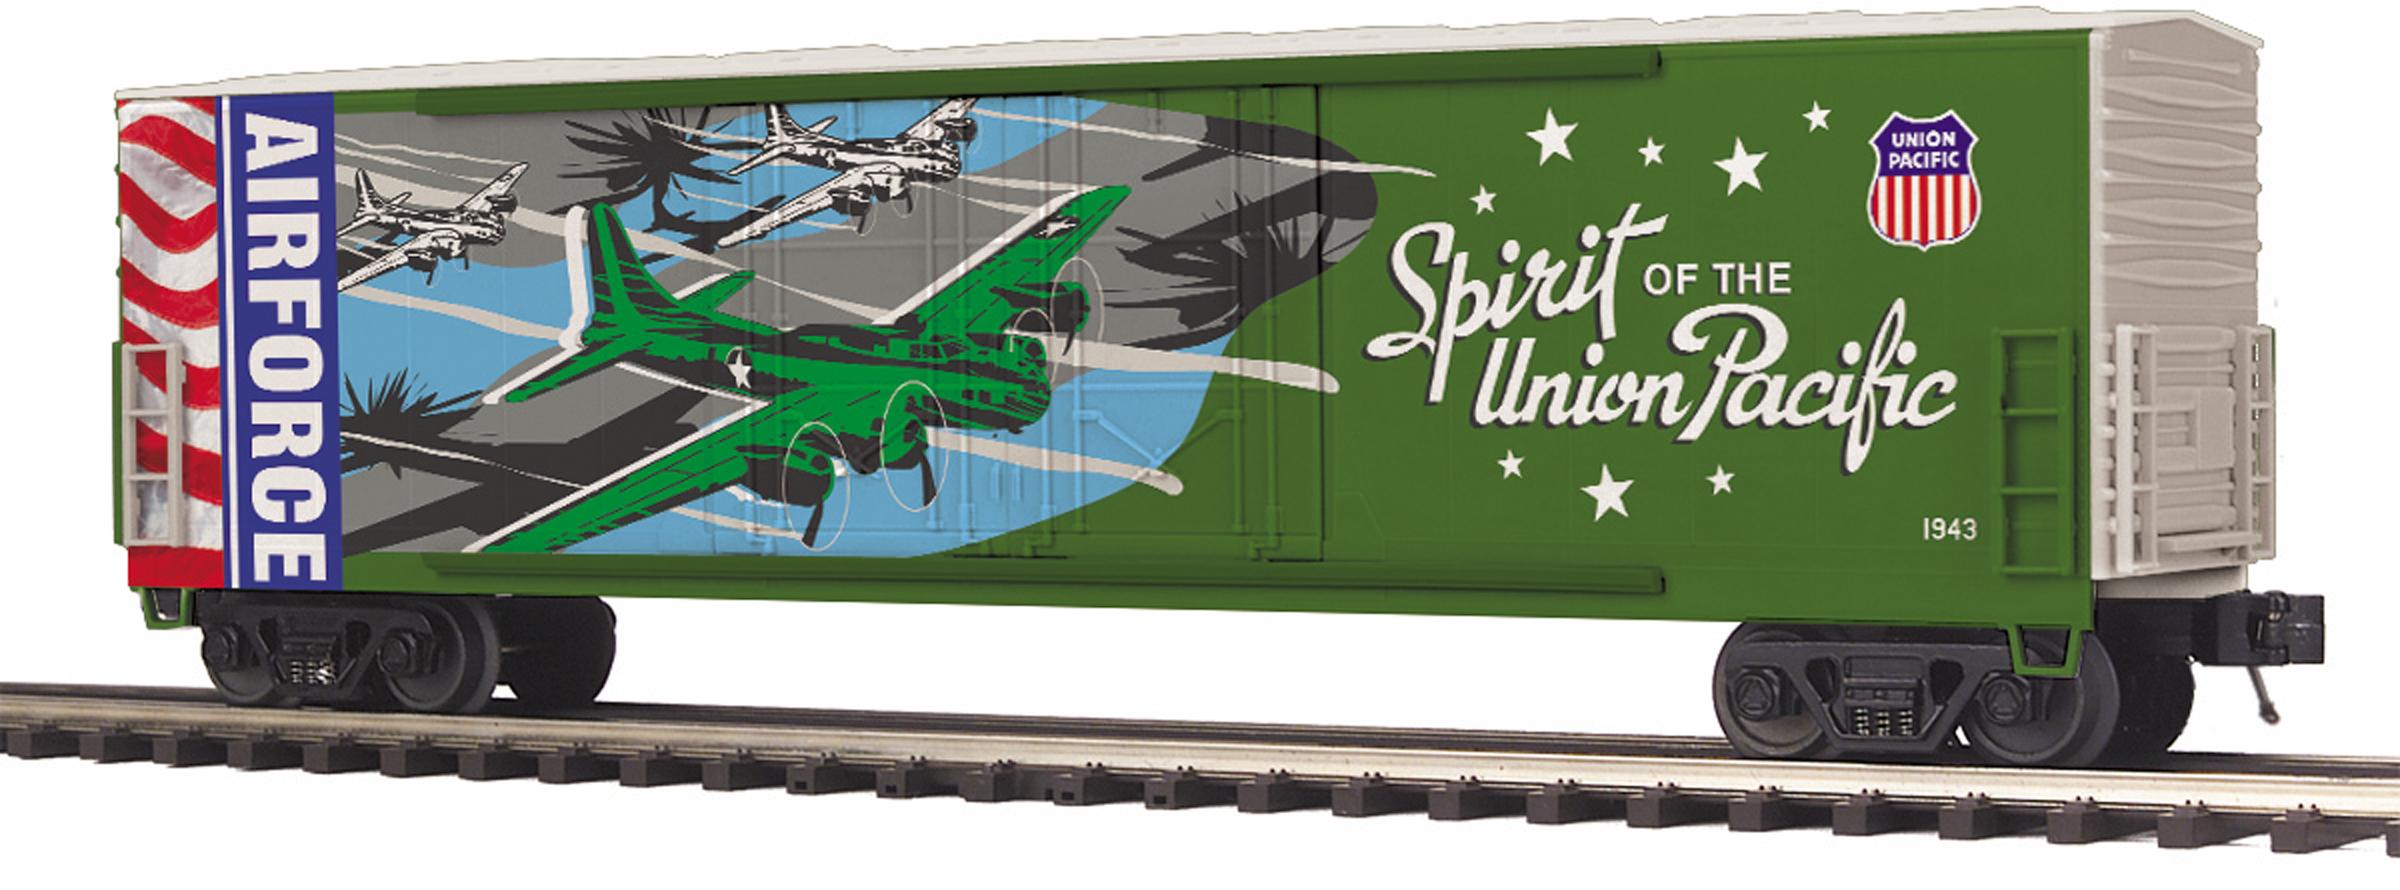 MTH 20-93752 50' Double Plug Door Boxcar 3 Rail Premier Union Pacific